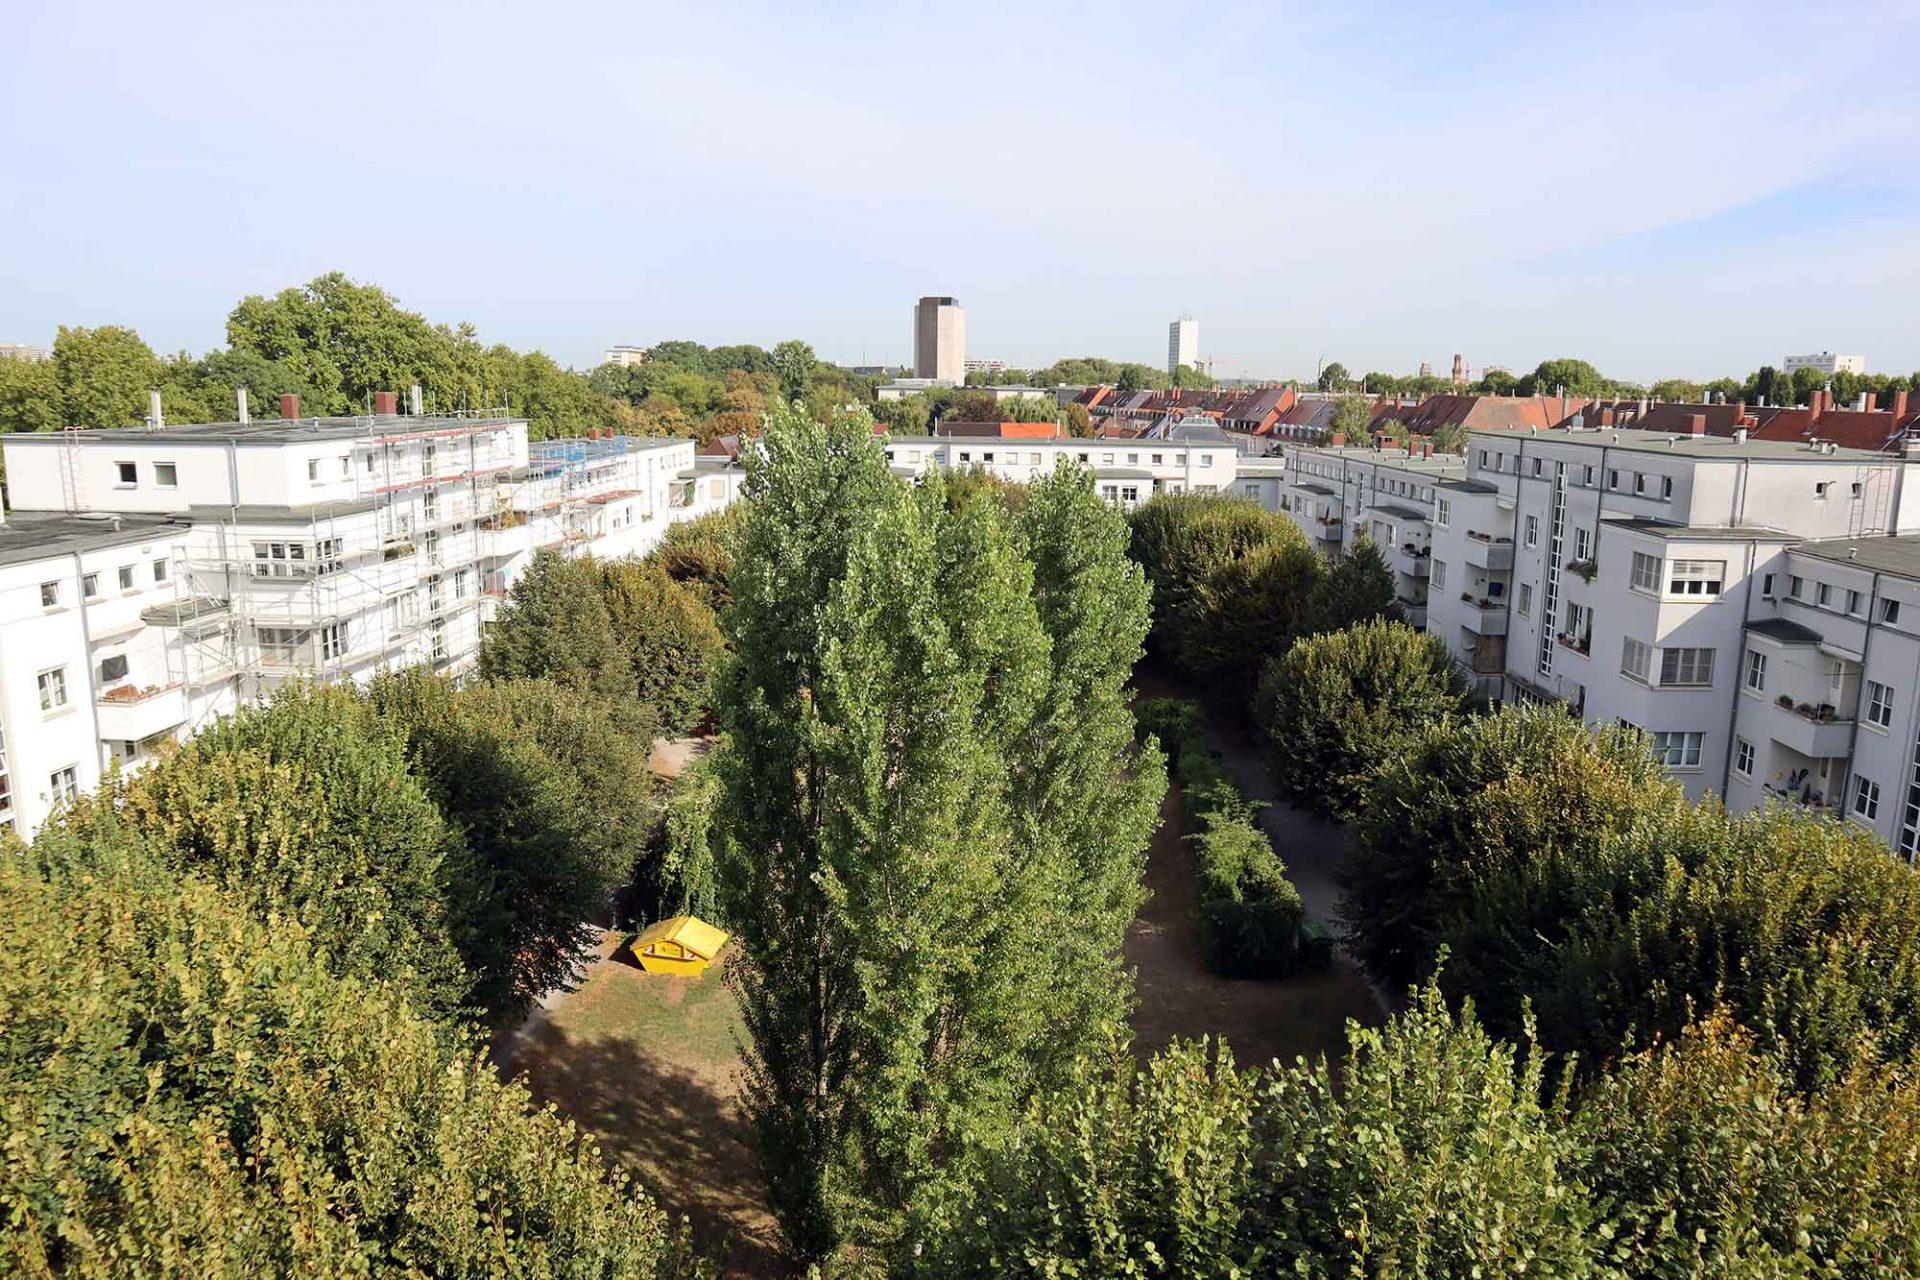 Alker-Block. ... des gemeinschaftlich genutzten Innenhofs und der angrenzenden Wohnungen.